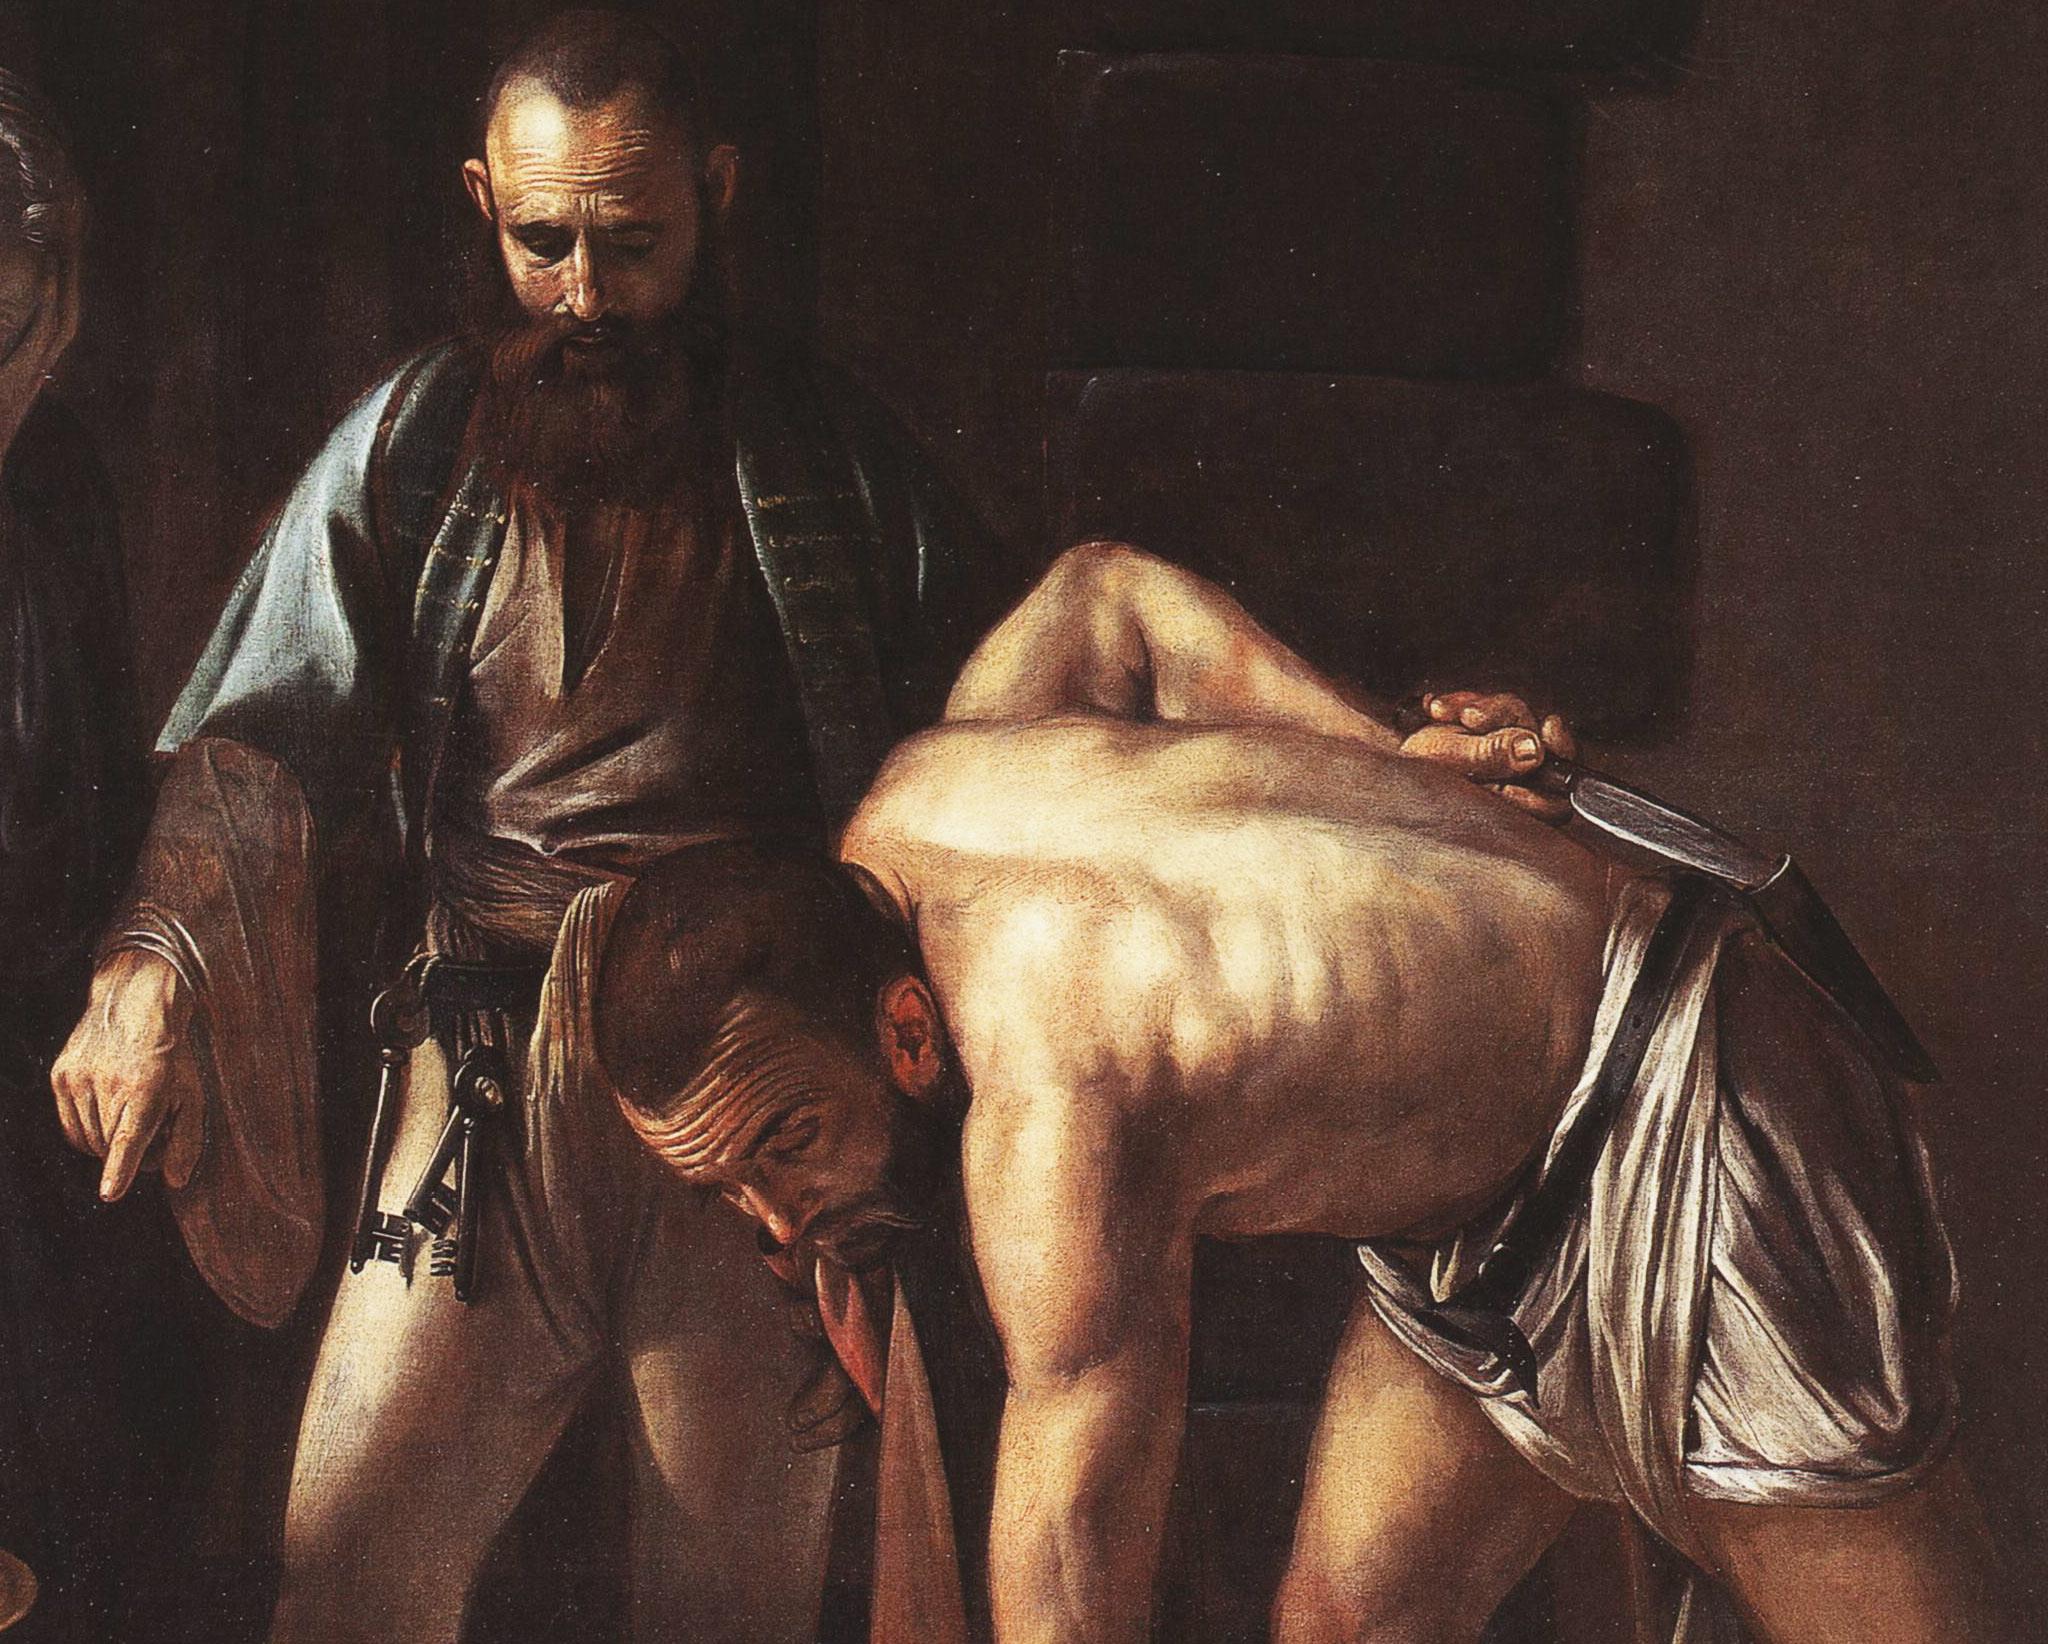 Caravaggio, Decollazione del Battista, dettaglio dell'aguzzino e del carceriere